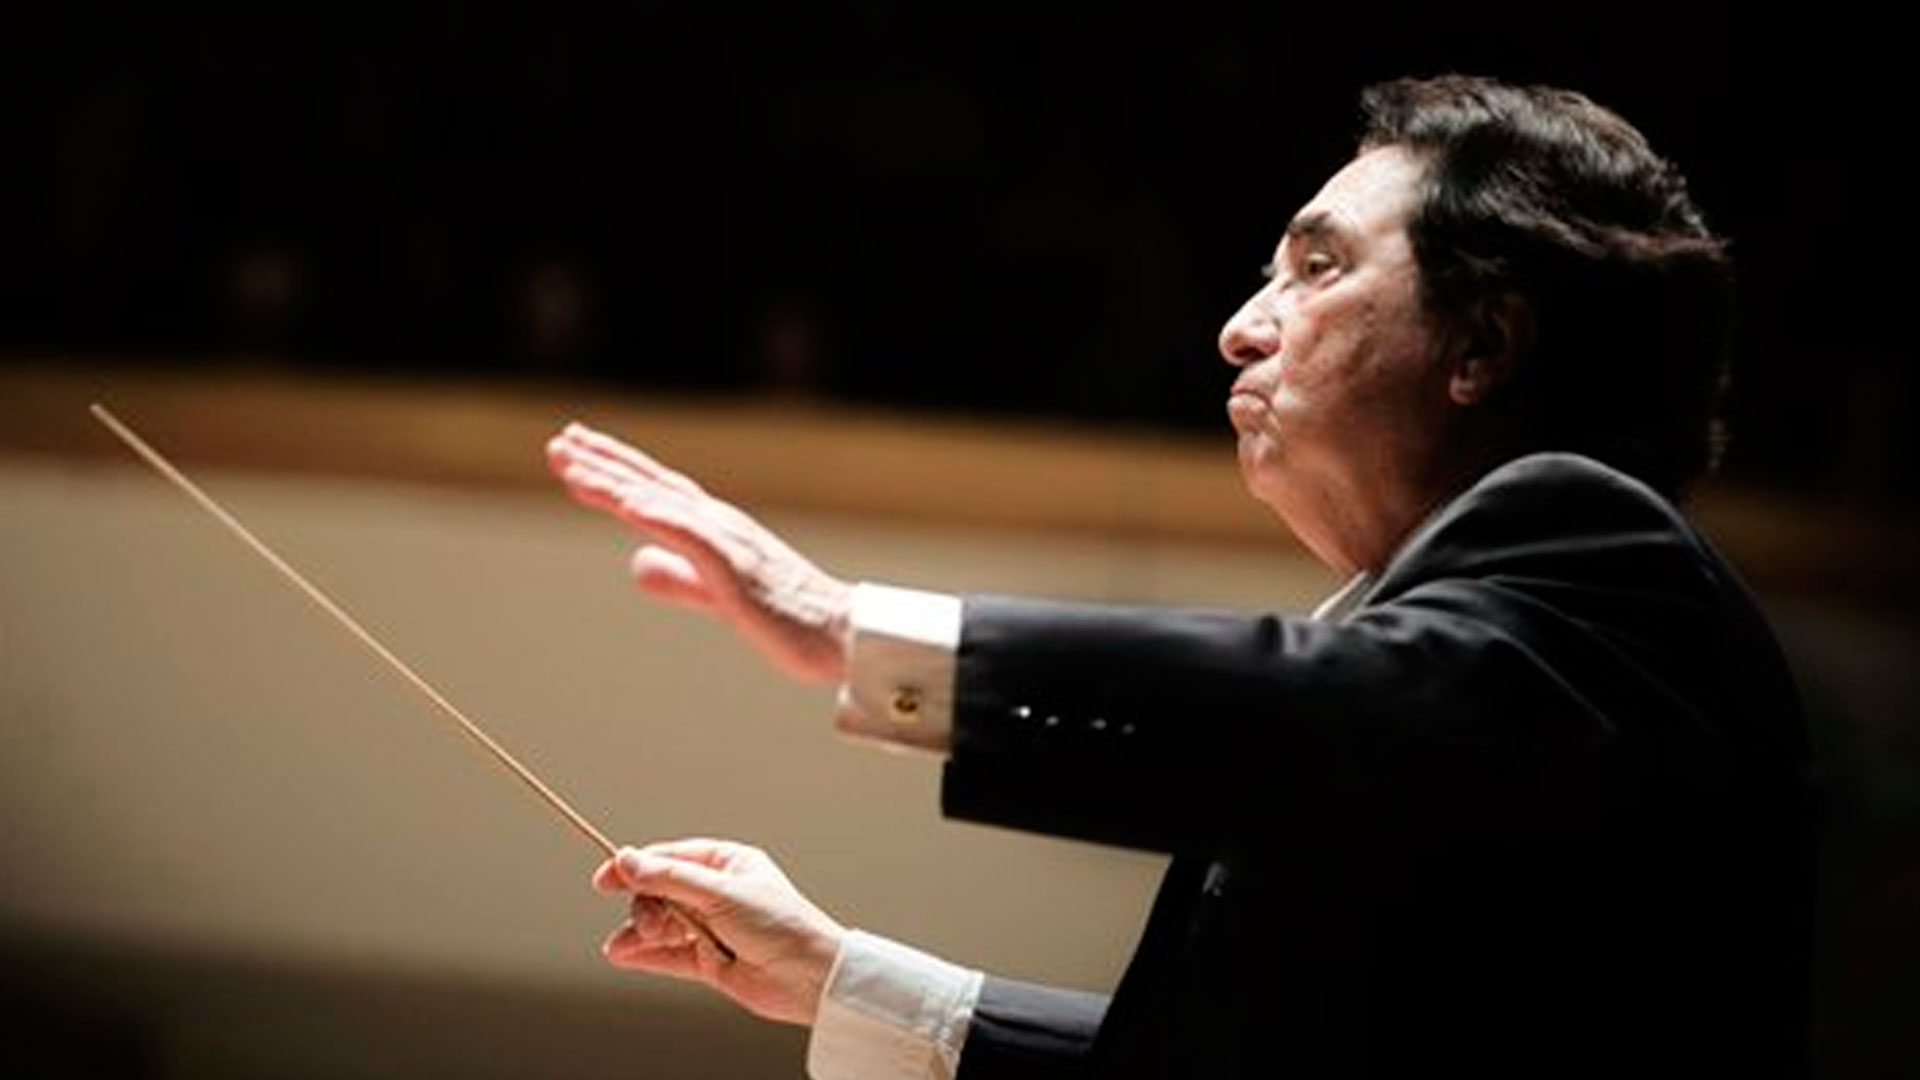 La Orquesta Sinfónica de Galicia ofrece un festival de zarzuela con música de Chueca, Chapí, Soutullo y Giménez en un concierto extraordinario que servirá para presentar al ganador del Concurso Internacional de Piano Ciudad de Ferrol